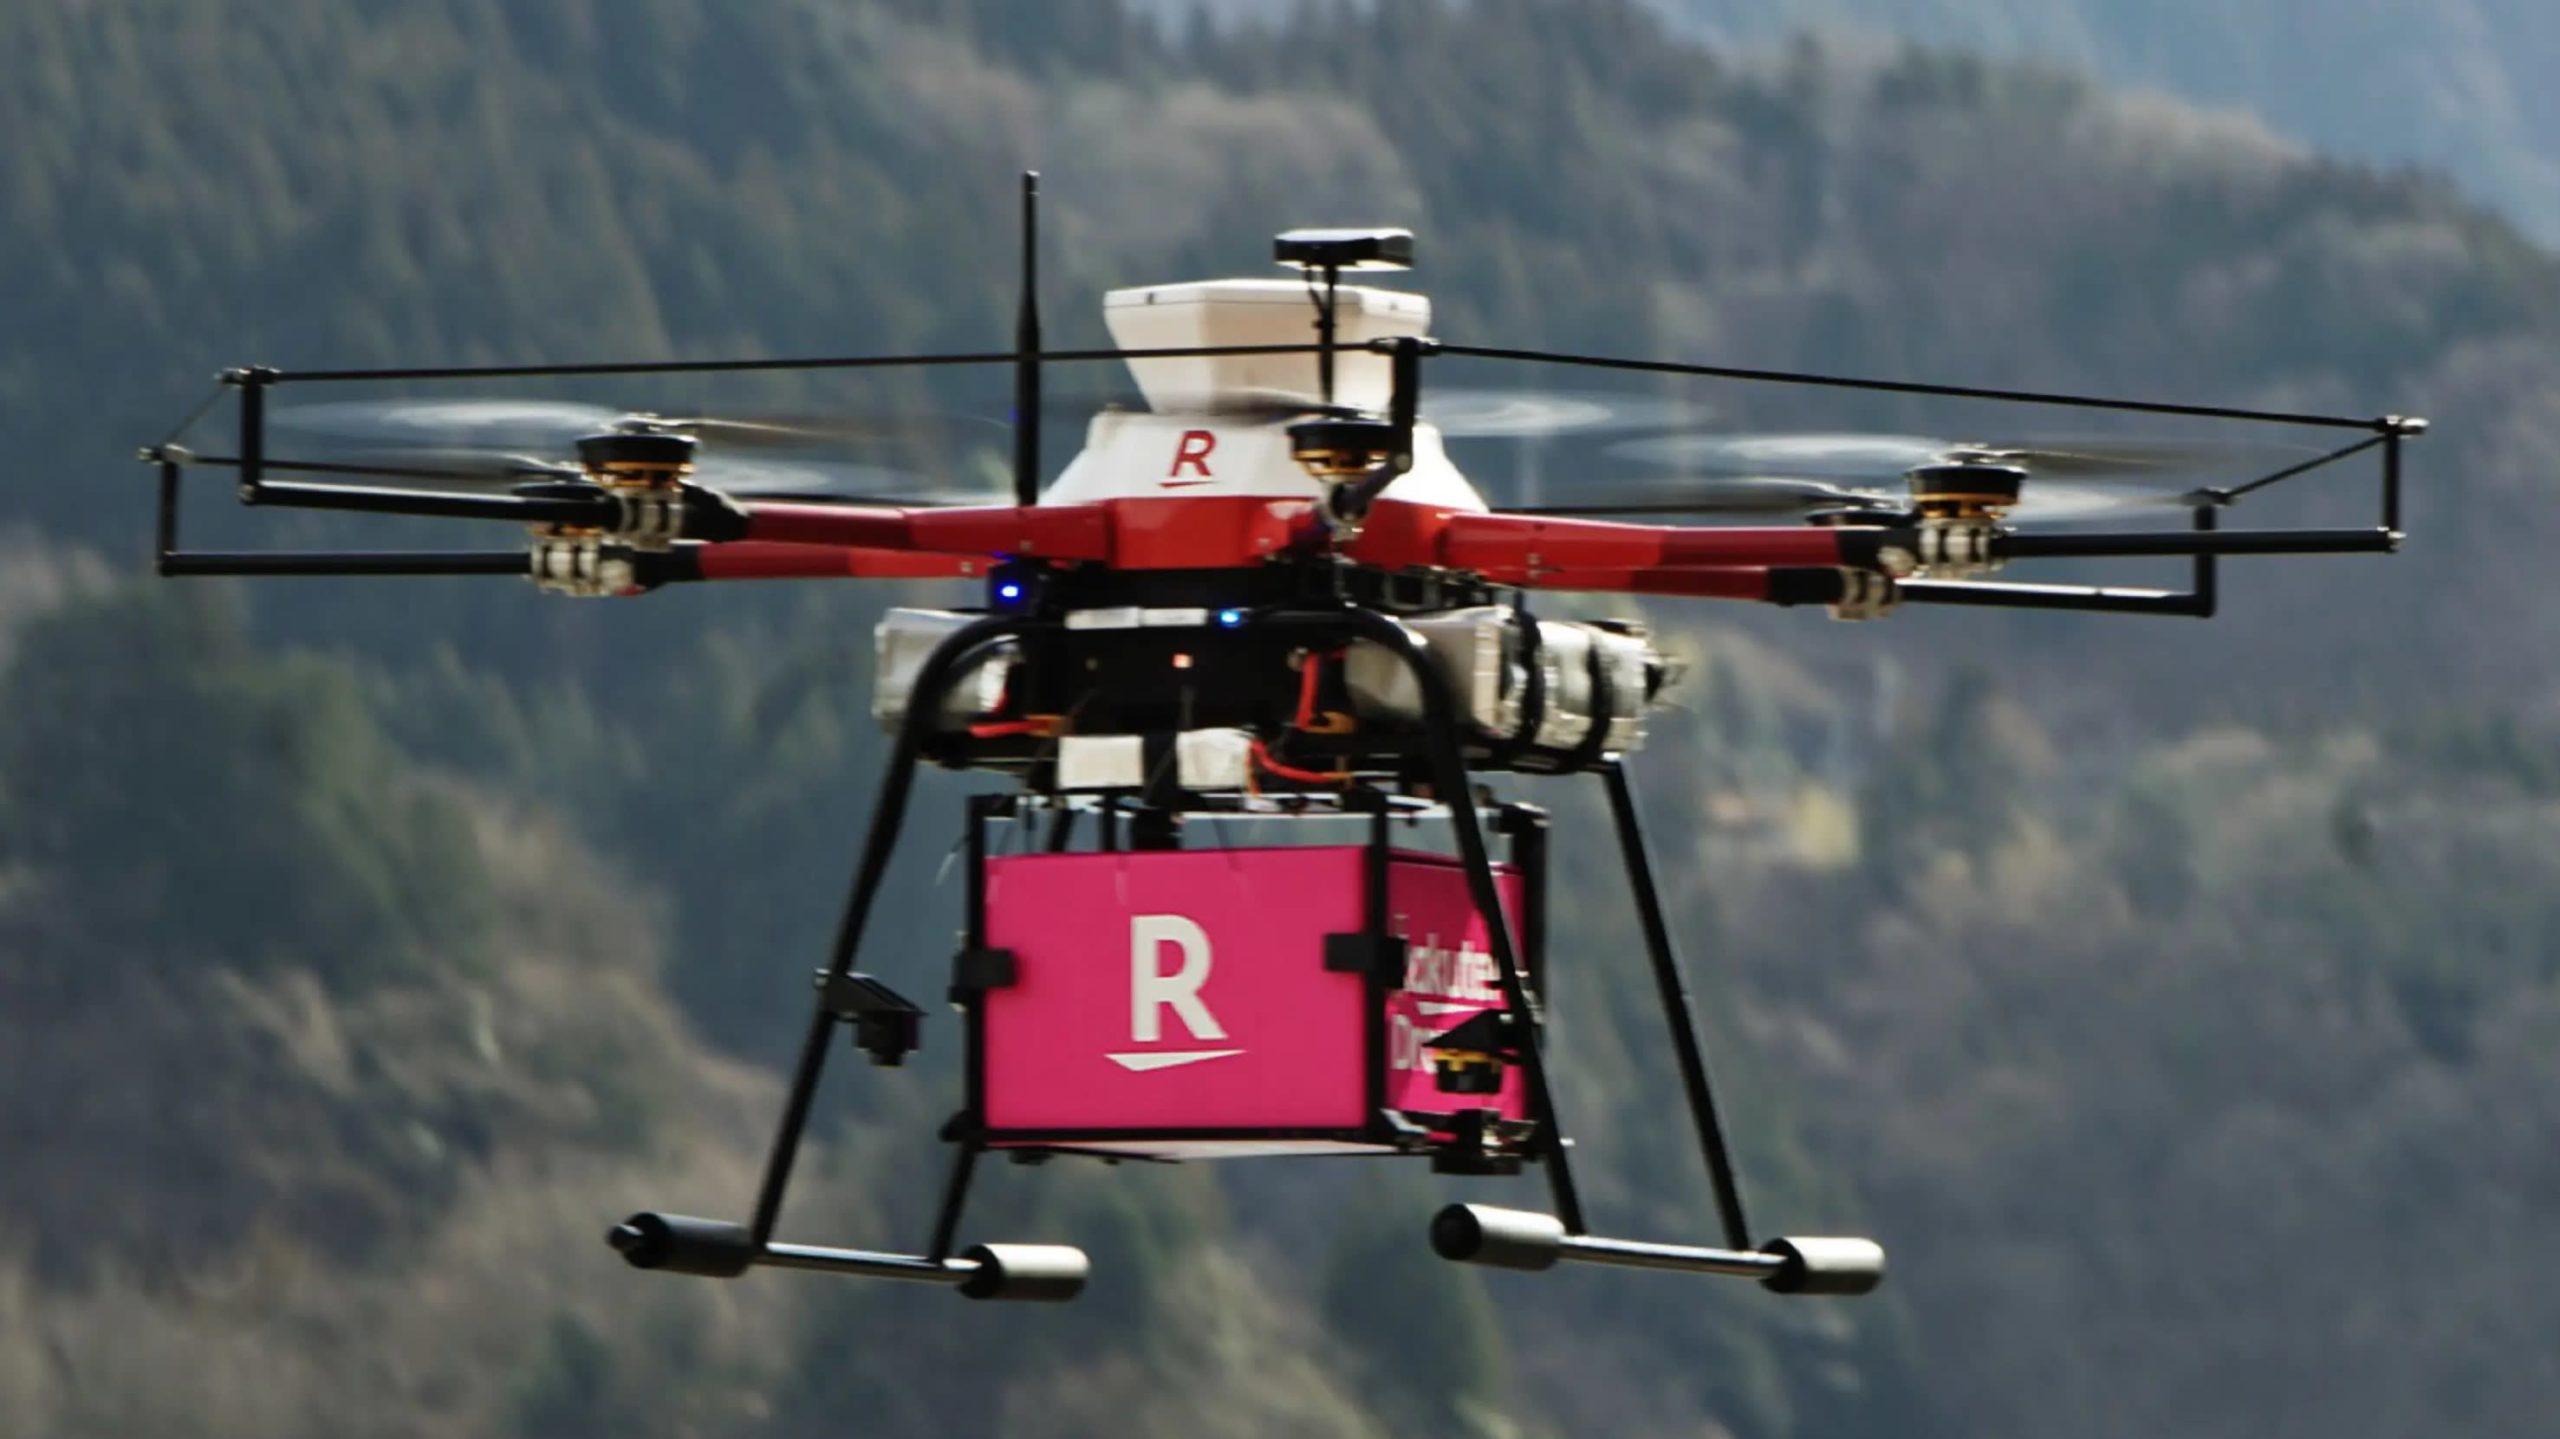 Droni: un gioco o una svolta ?